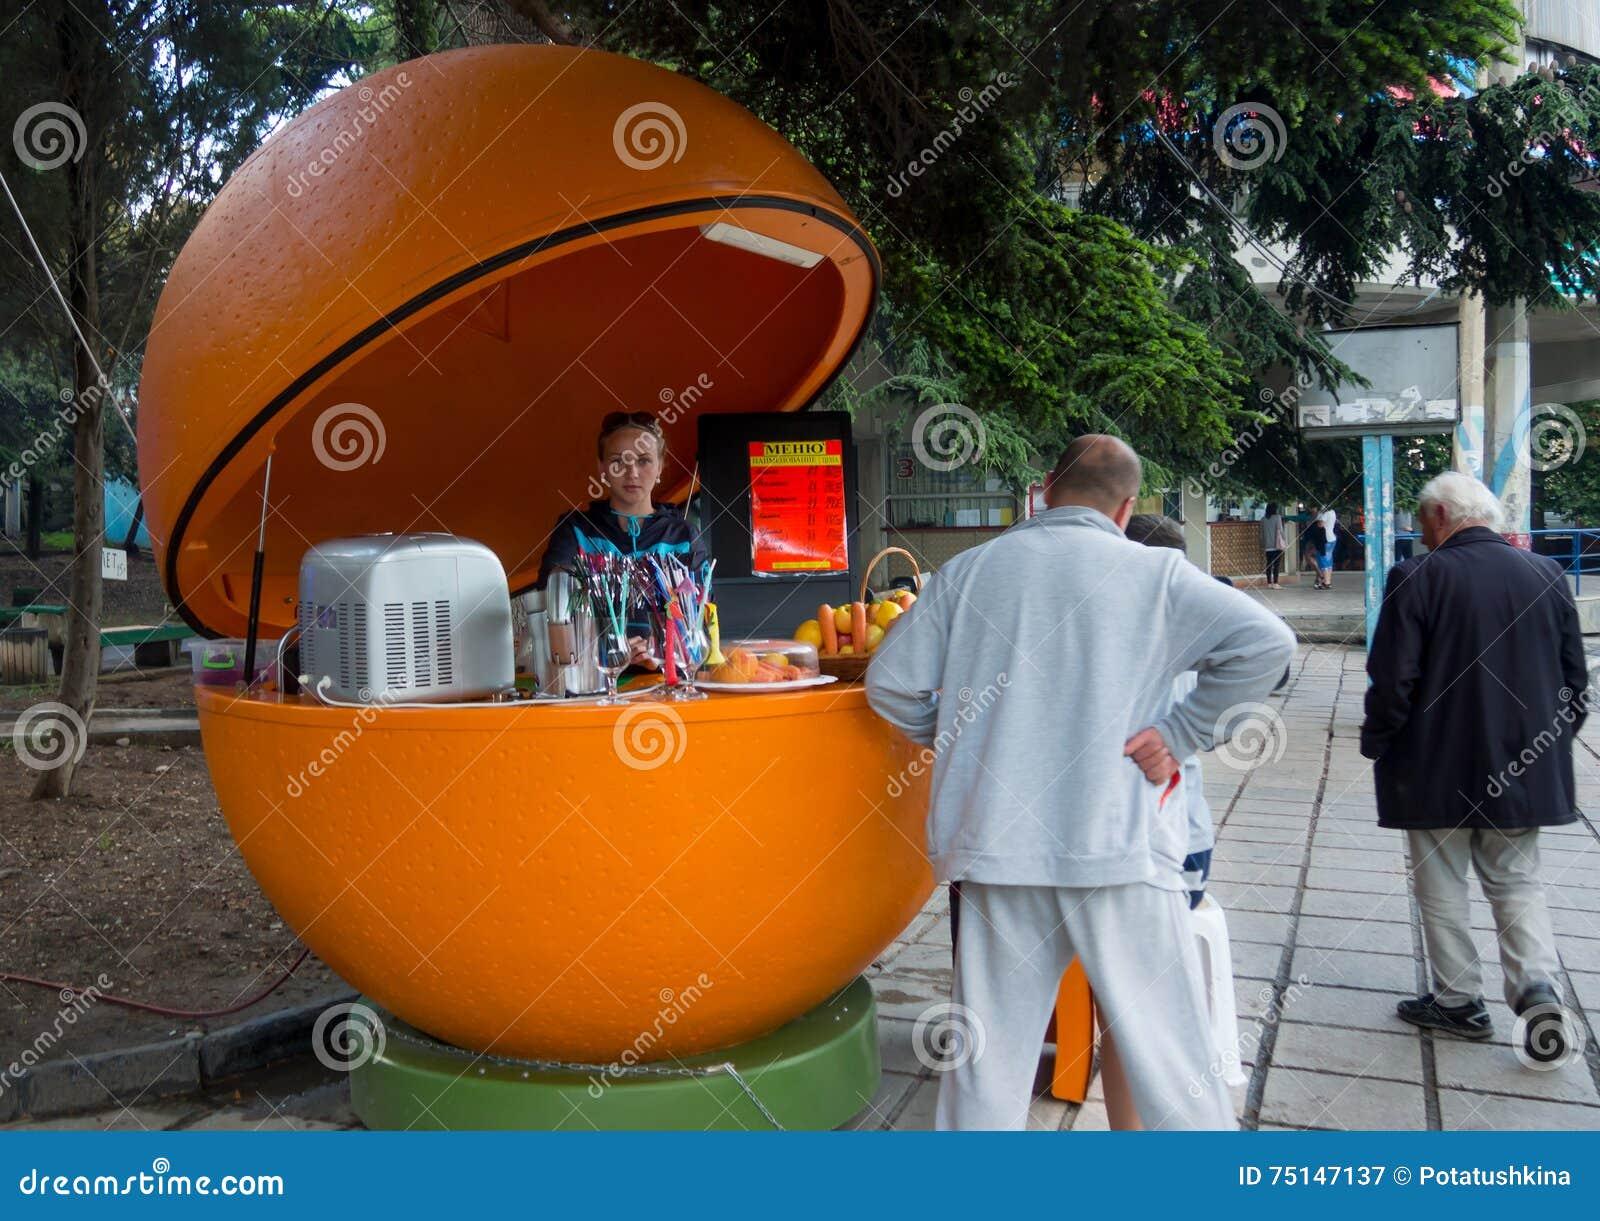 Tomada de vendas para a venda de sucos frescos na cidade de Alushta